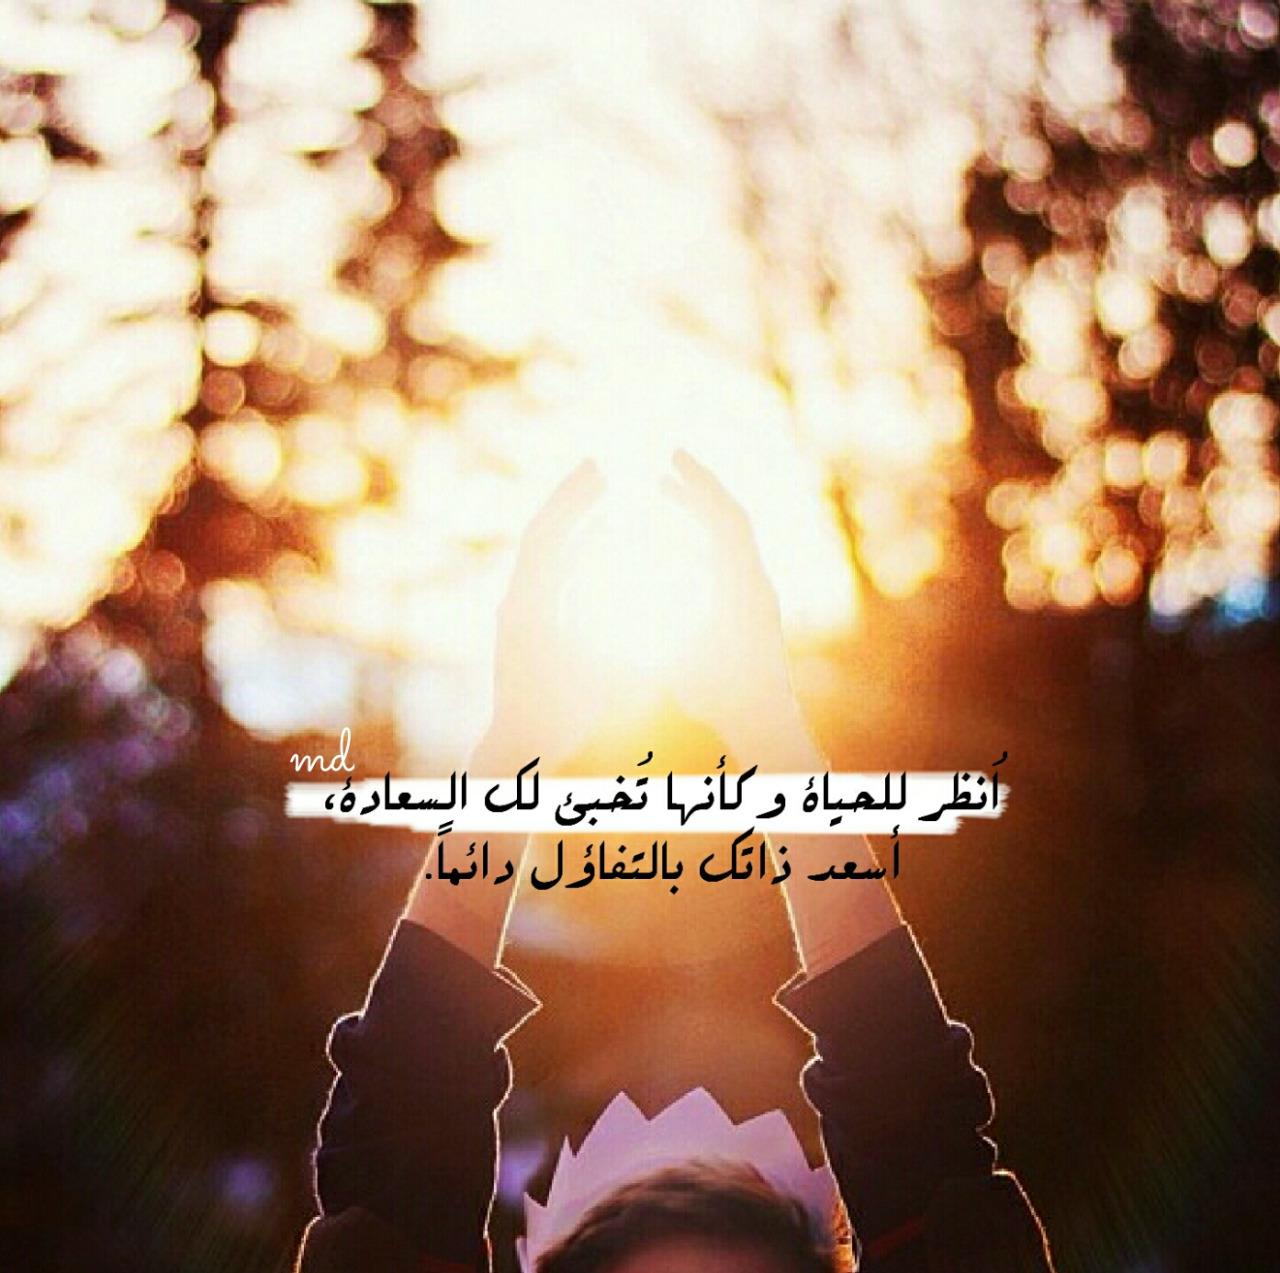 بالصور صور عن الفرح , اجمل صور عن الفرح 593 11